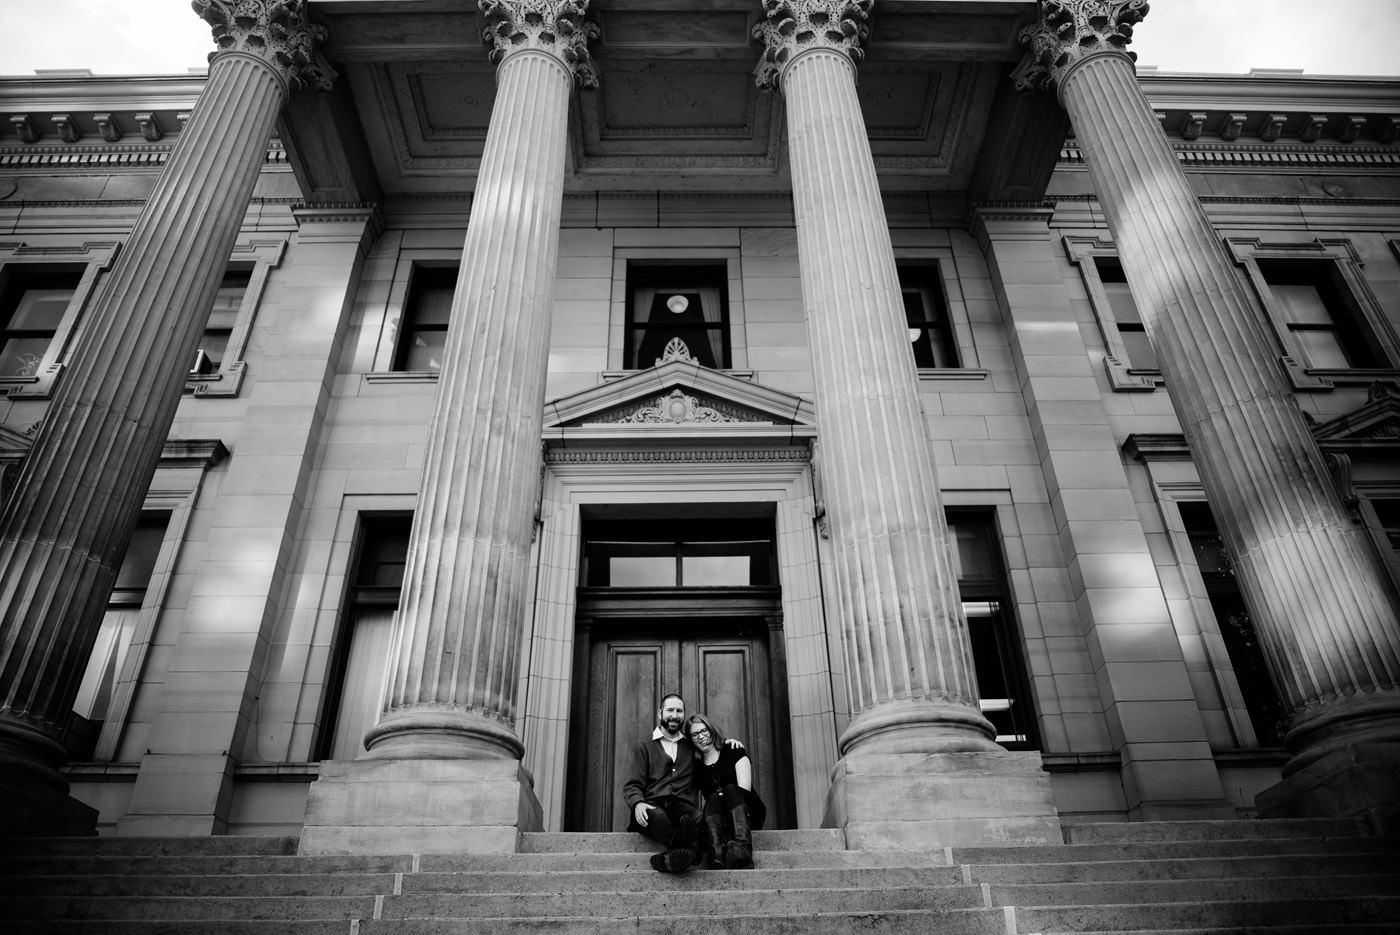 fairmont wv courthouse portrait